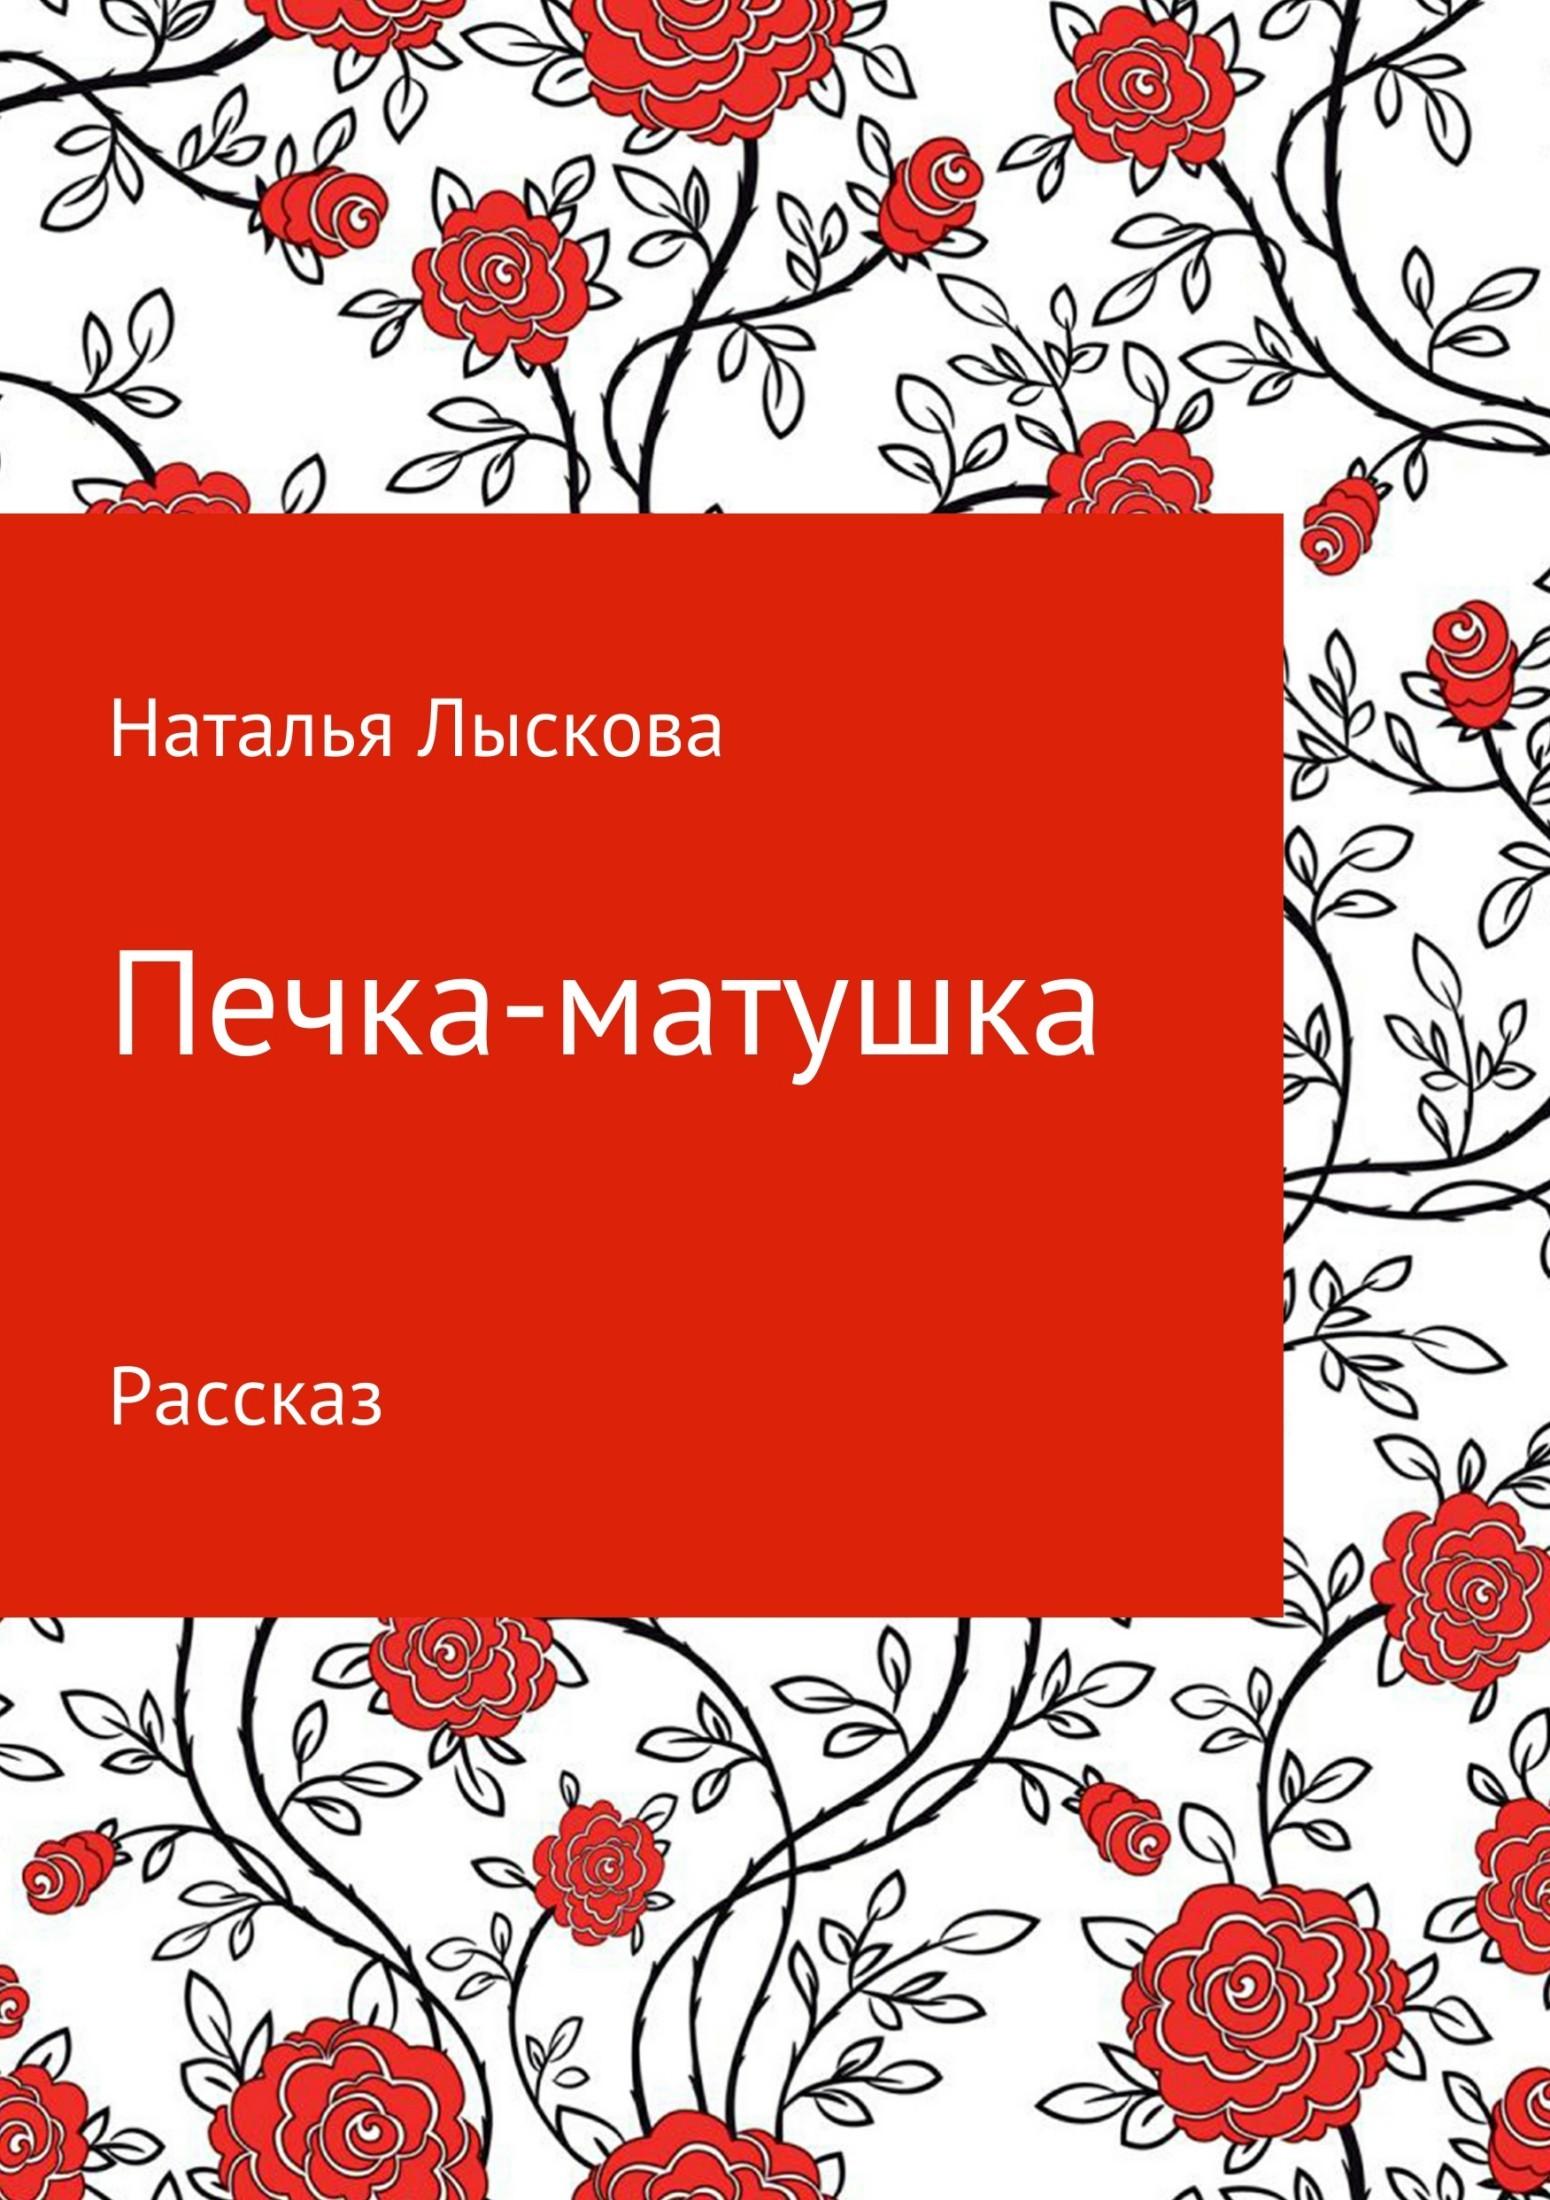 Наталья Анатольевна Лыскова Печка-матушка